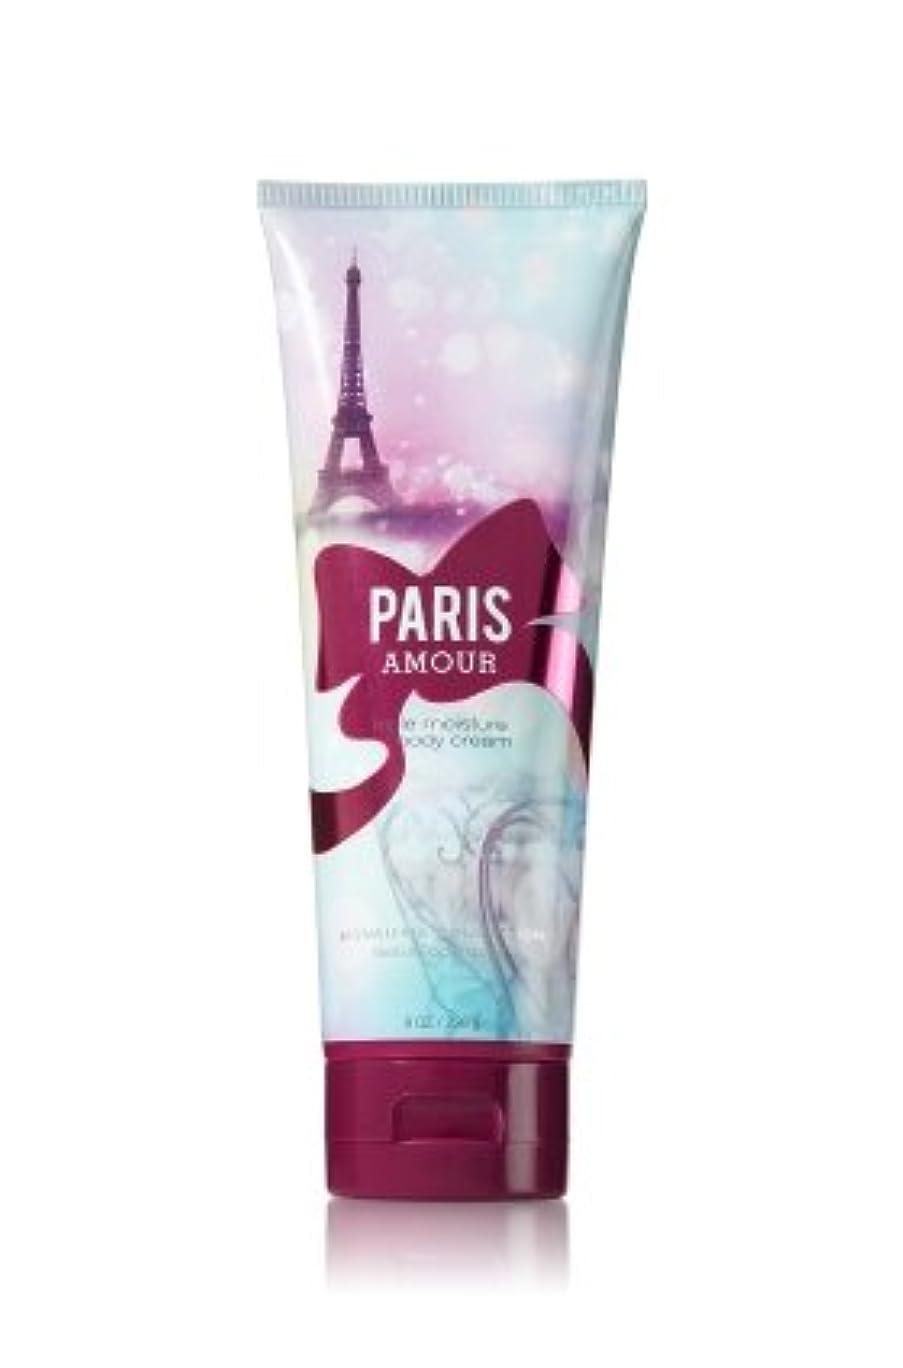 ちょうつがいルネッサンスコマースバス&ボディワークス パリスアモール ボディクリーム Paris Amour Triple Moisture Body Cream [海外直送品]